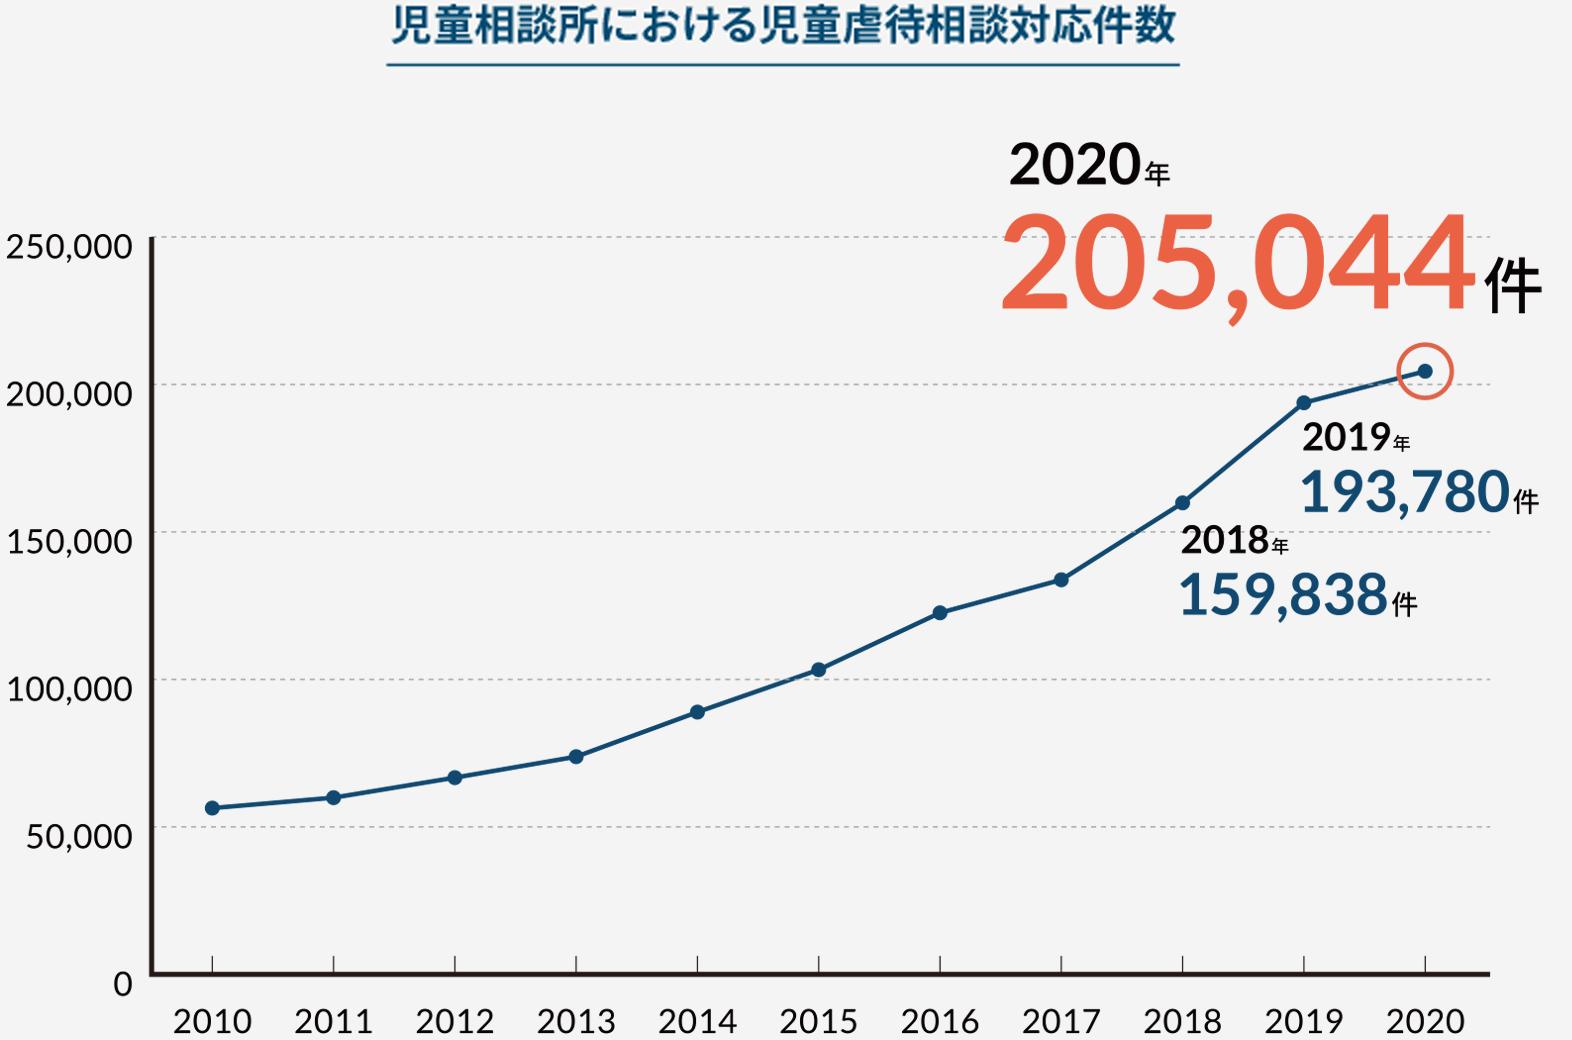 児童相談所における児童虐待相談対応件数 2019年193,780件